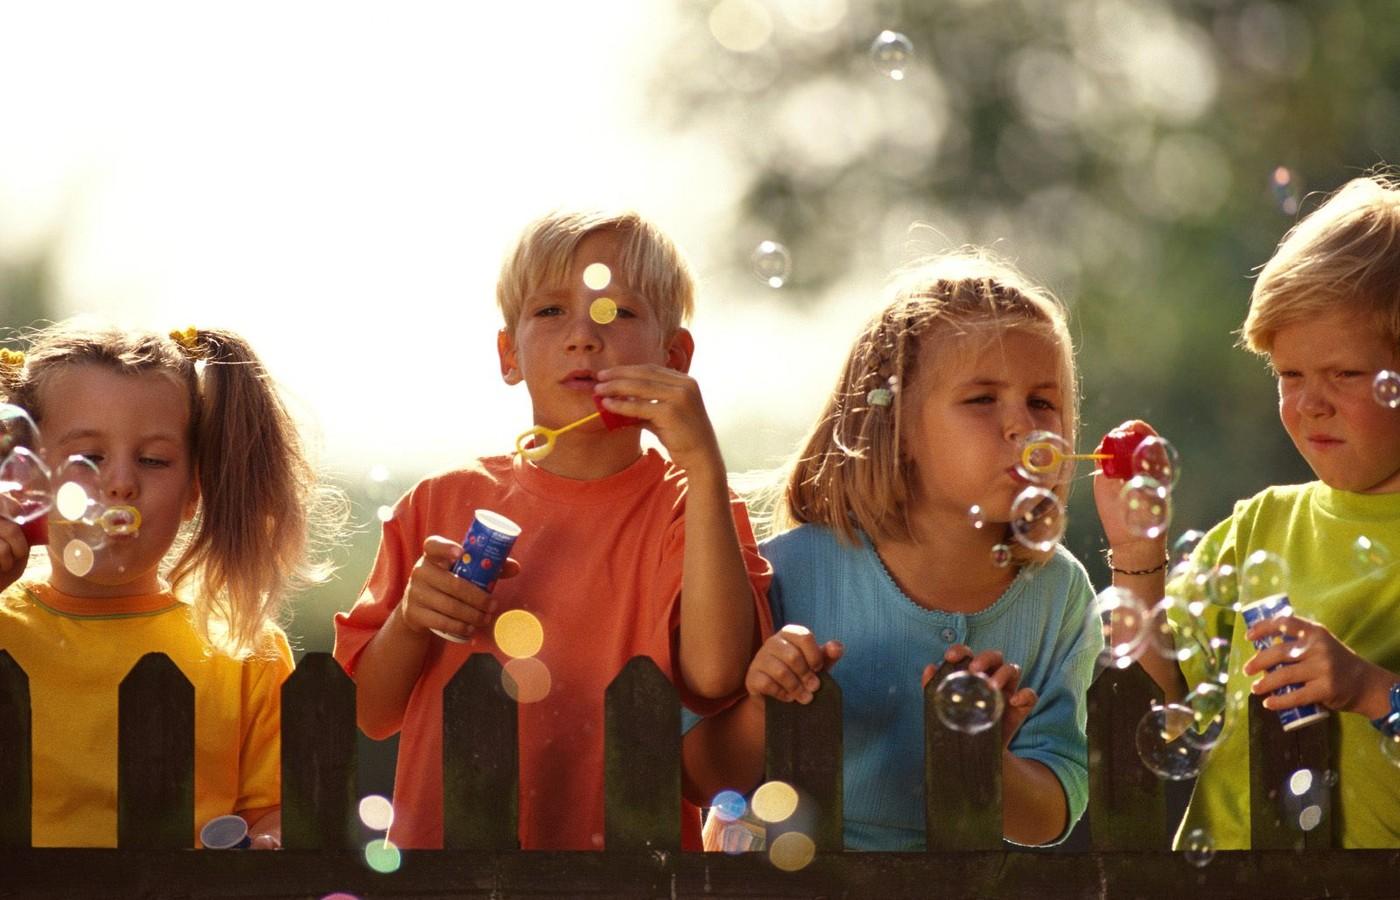 1 июня в Москве откроется  фестиваль детских развлечений «Мультимир»